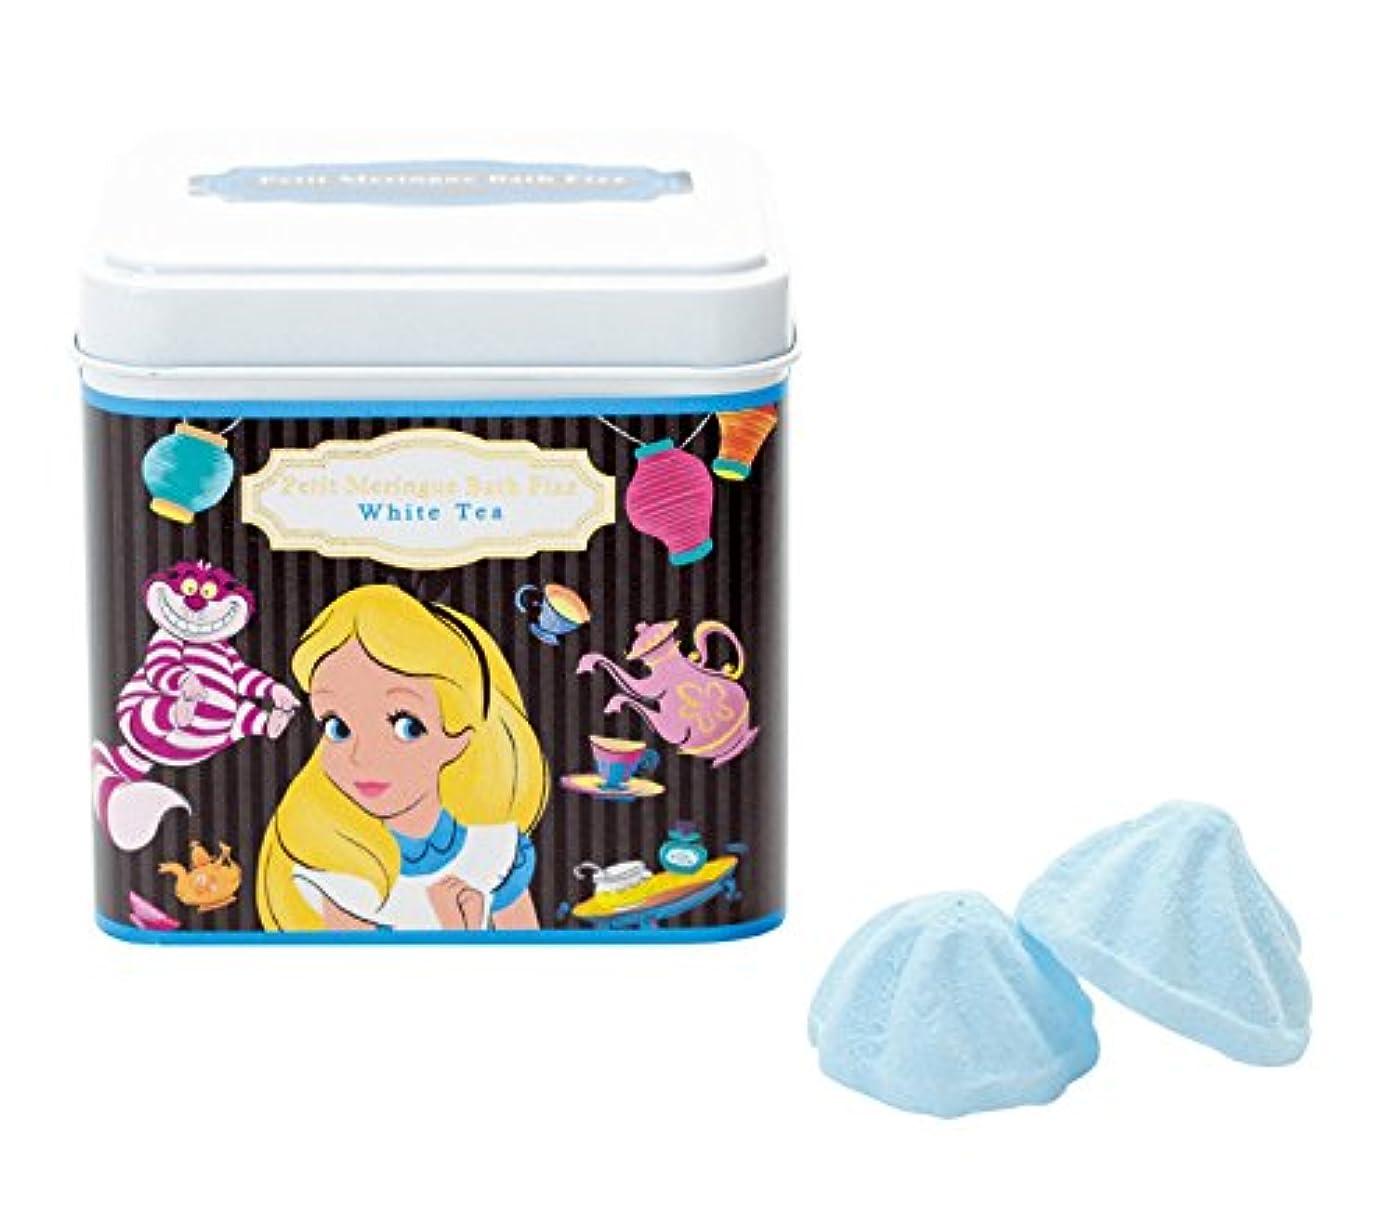 個人予防接種健康ディズニー 入浴剤 バスフィズ ふしぎの国のアリス ホワイトティーの香り 135g DIP-86-02